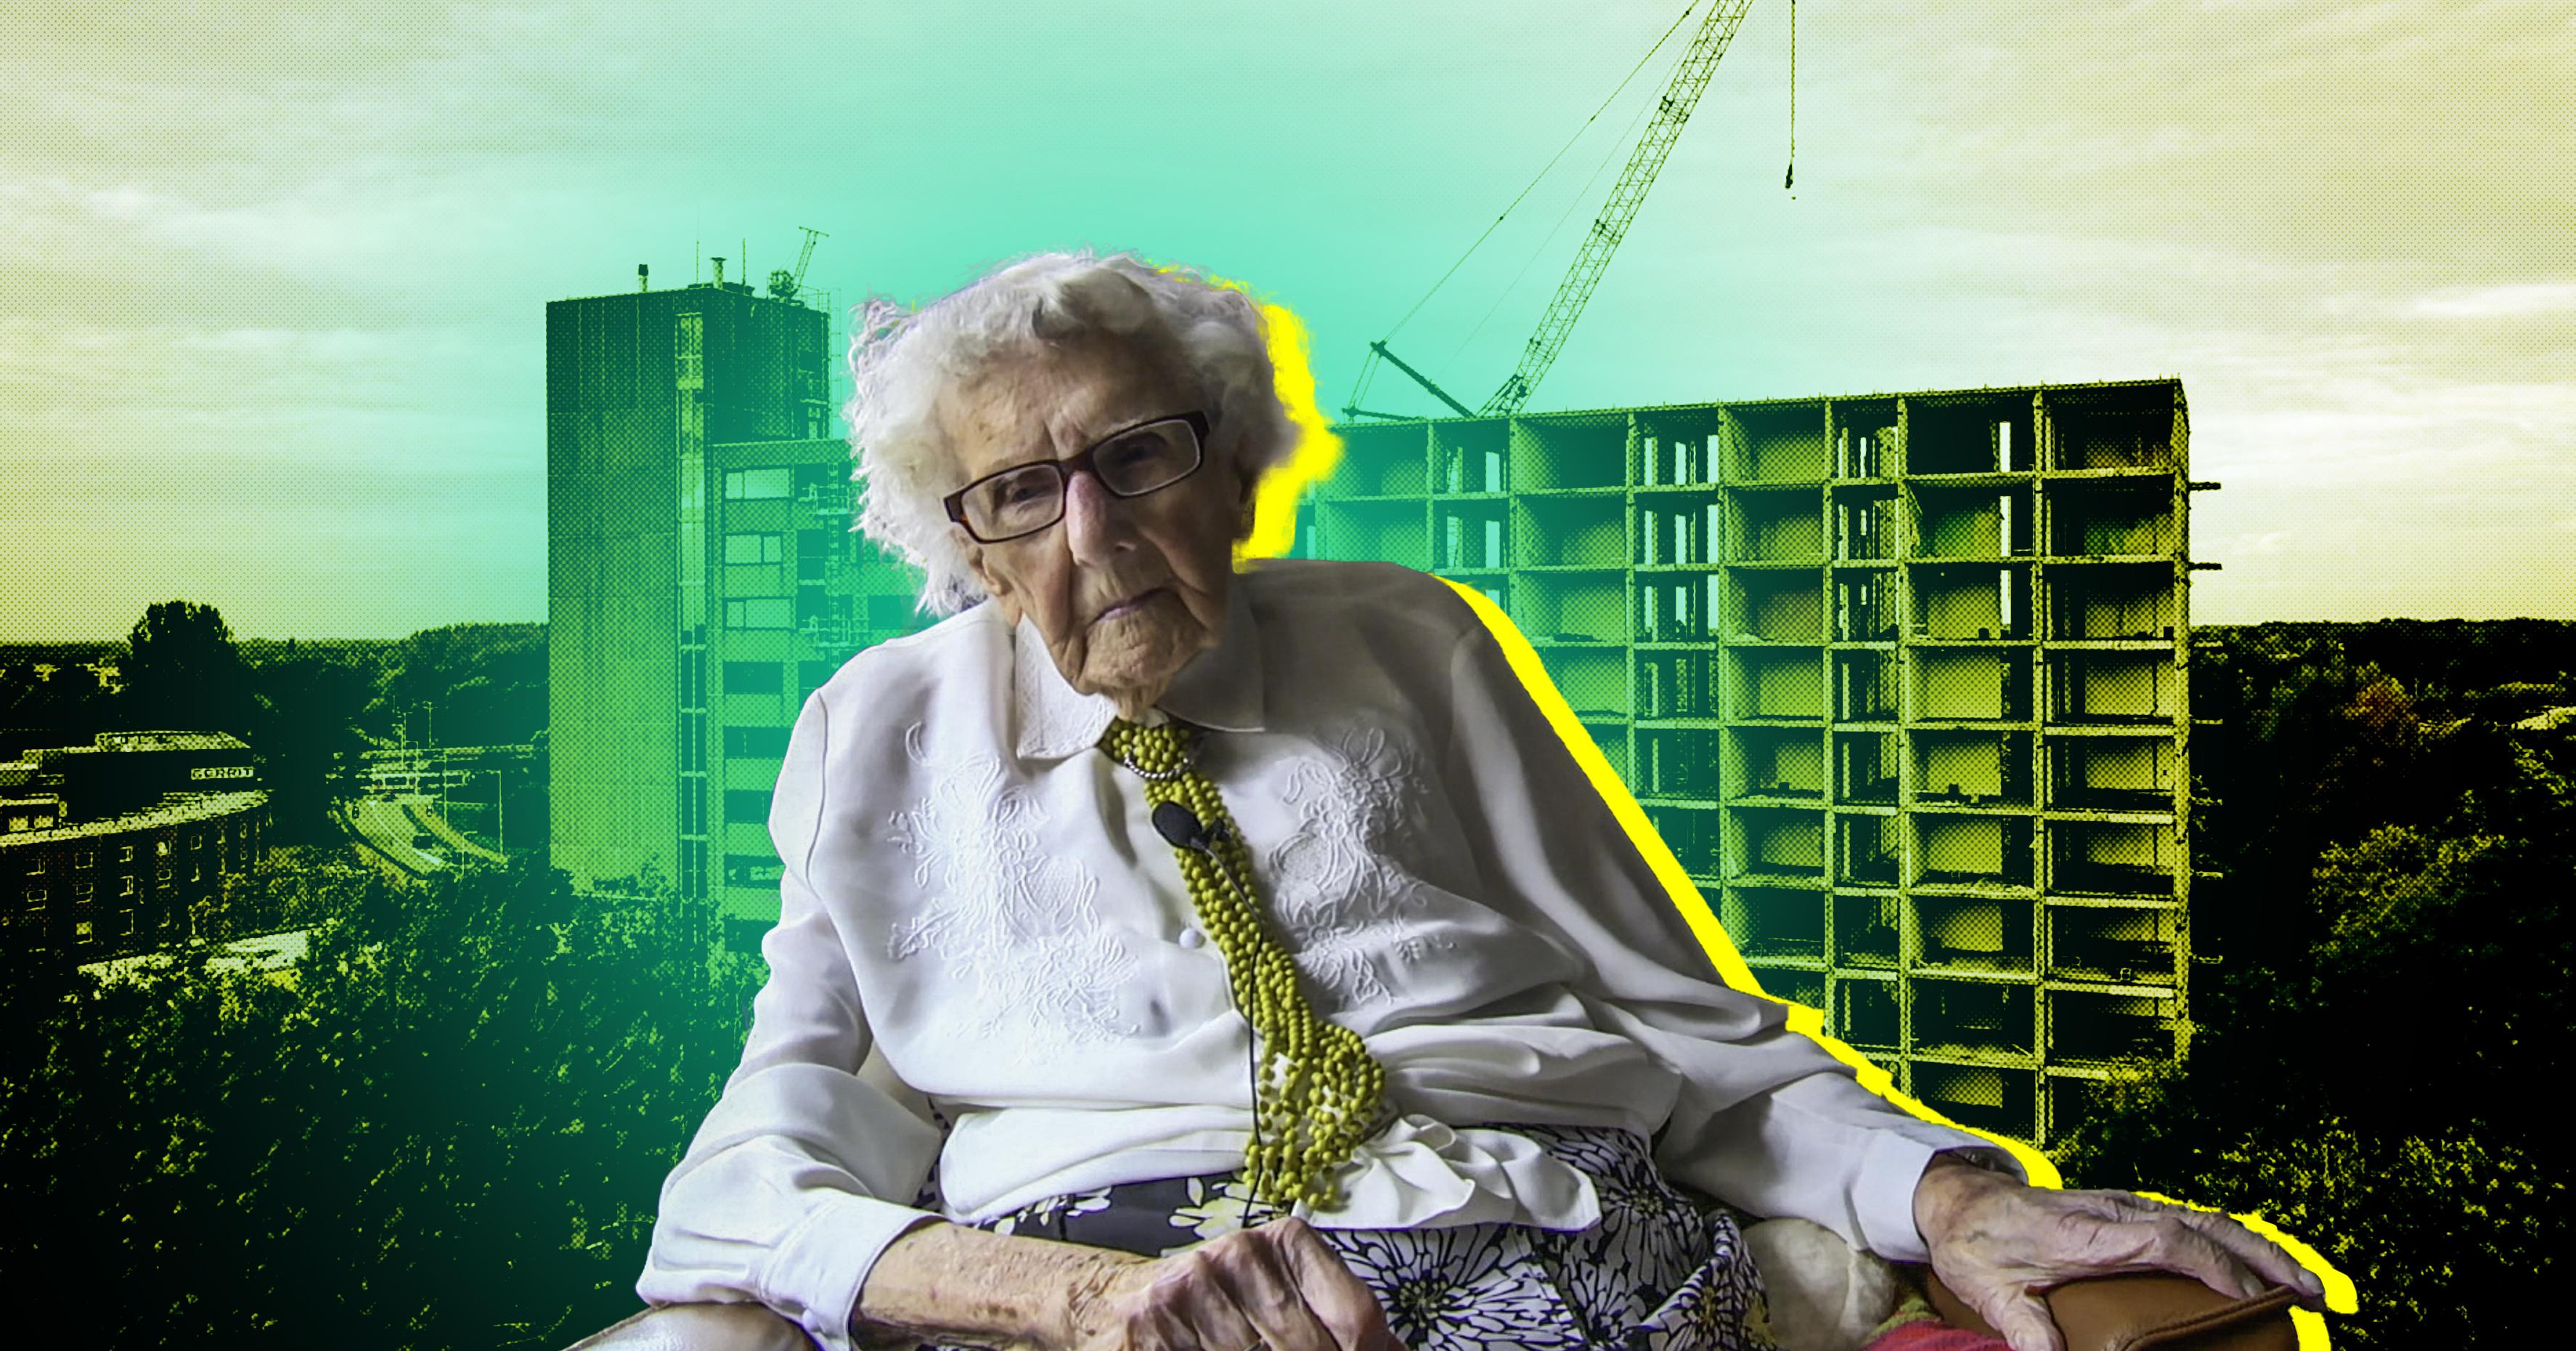 Afbeelding van 102-jarige mevrouw Piël ondanks verzet verhuisd